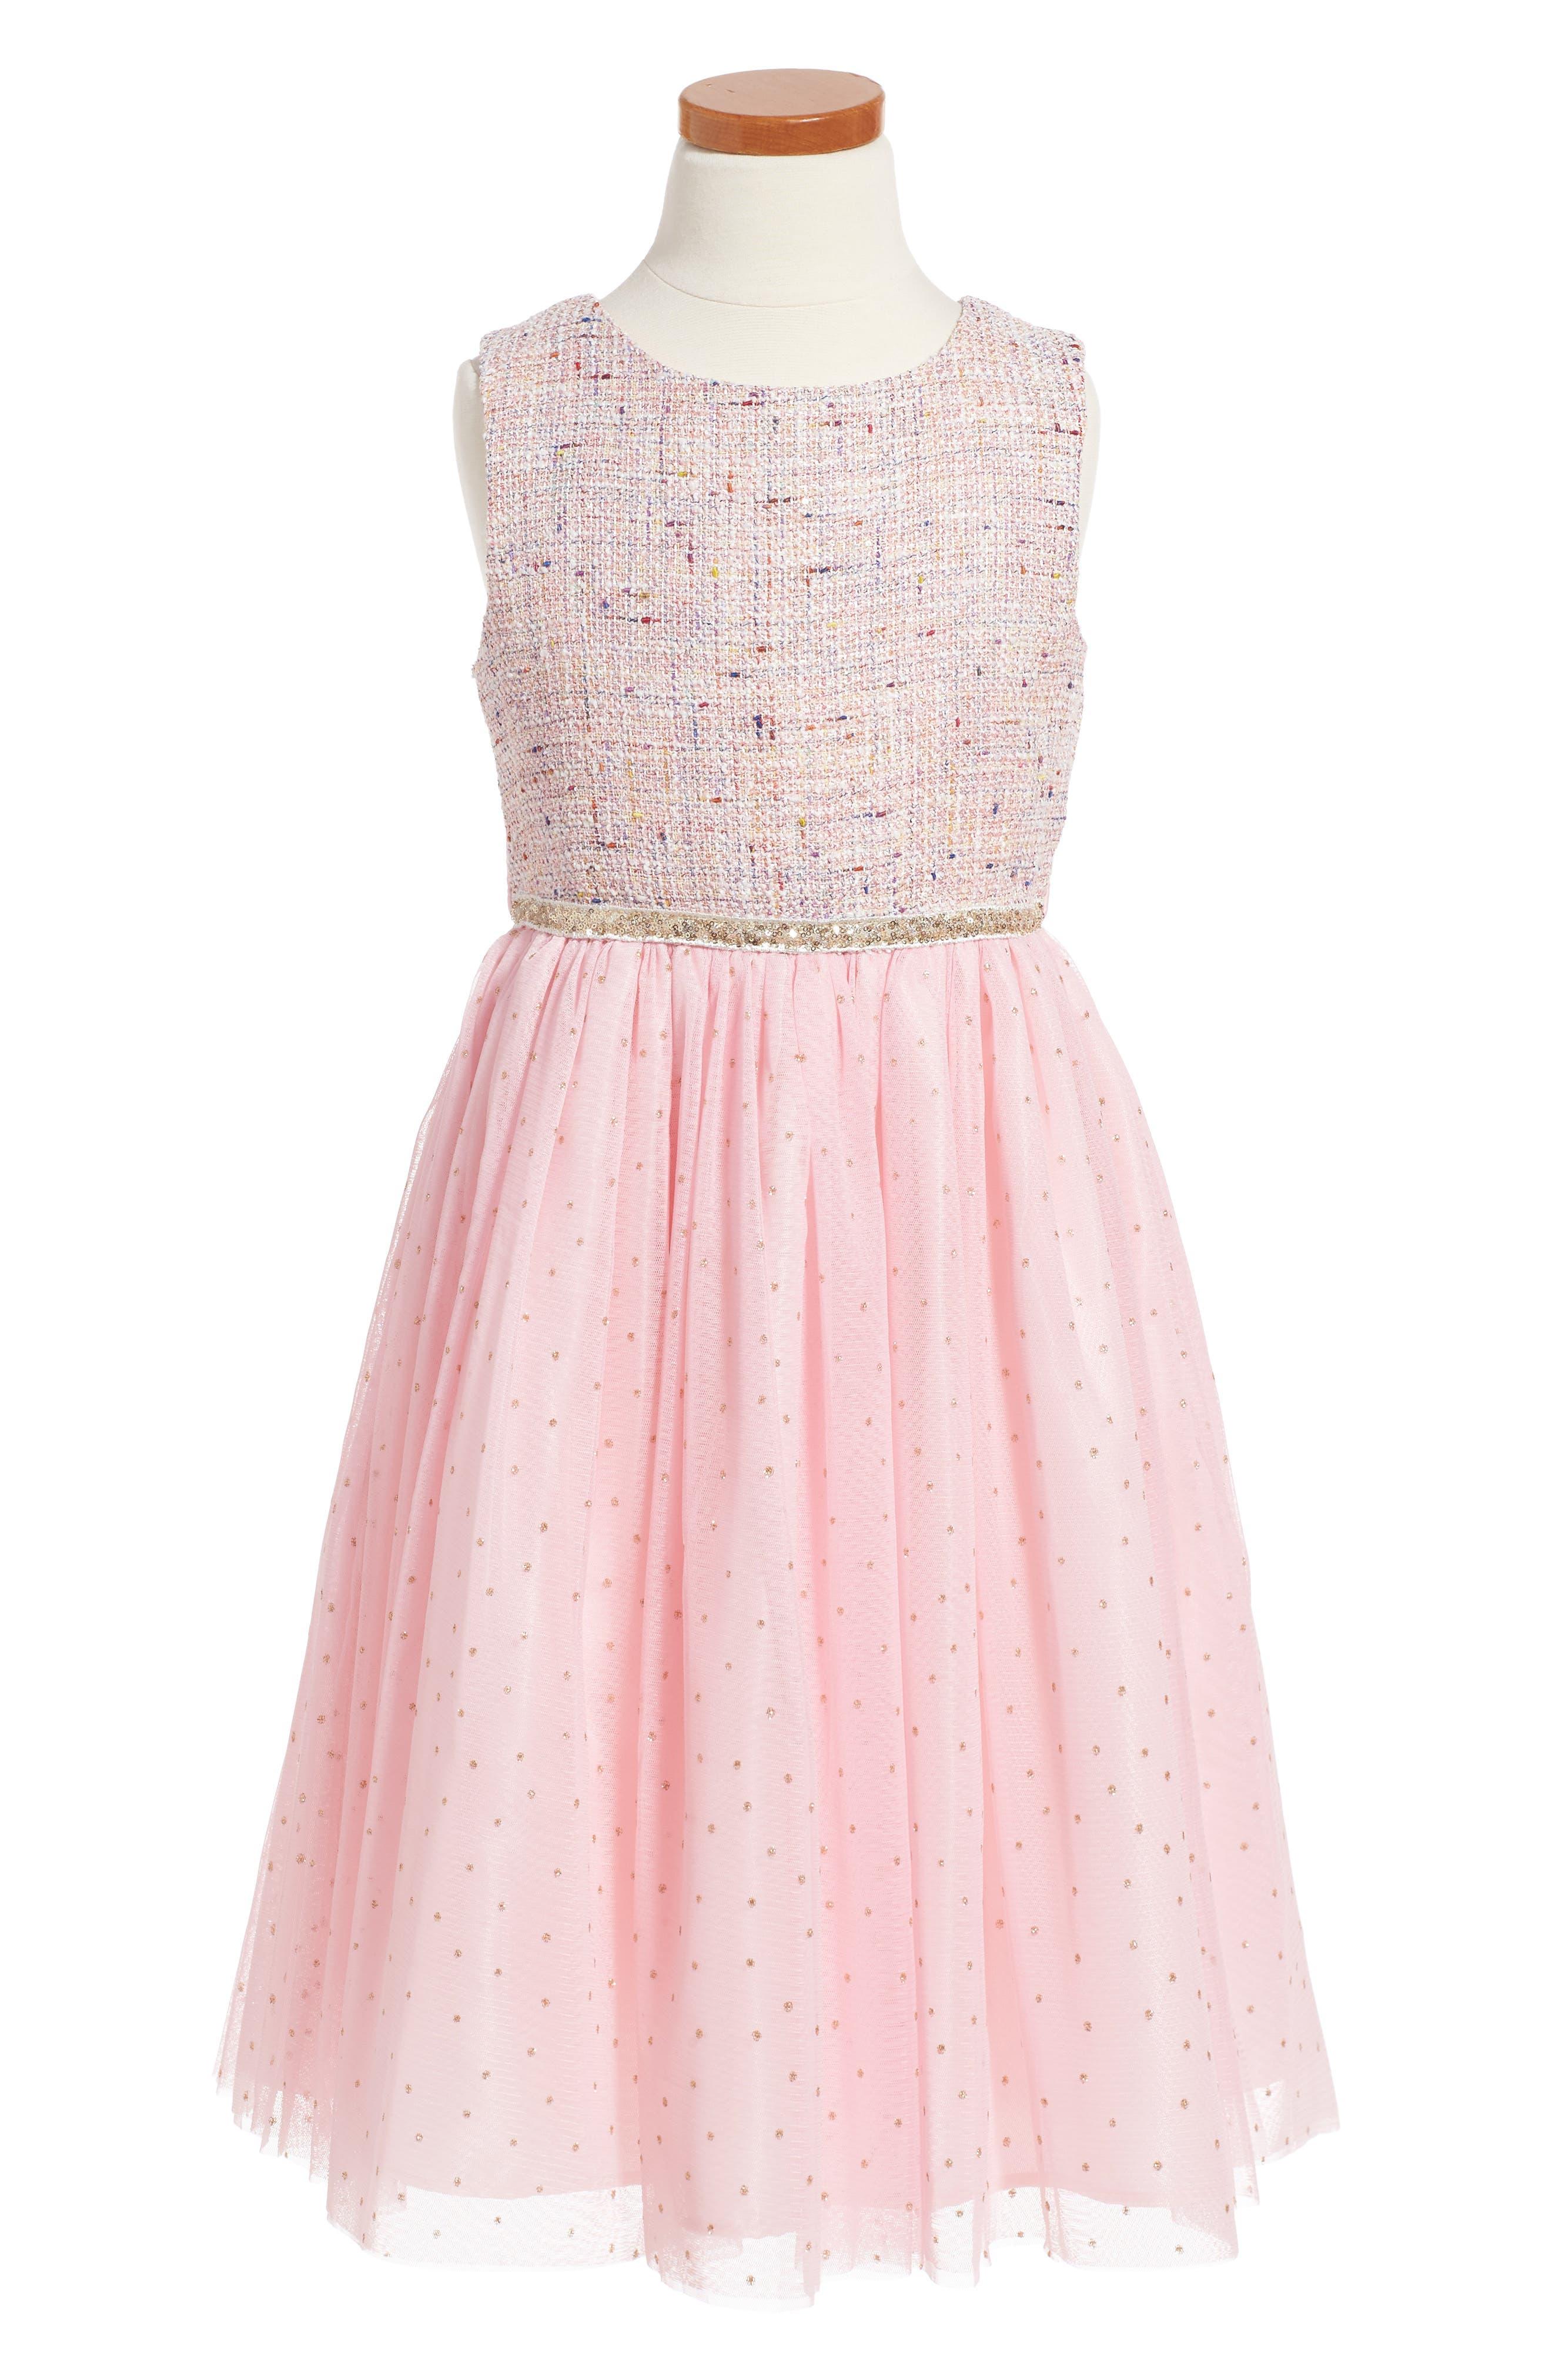 Samantha Dress,                             Main thumbnail 1, color,                             Pink